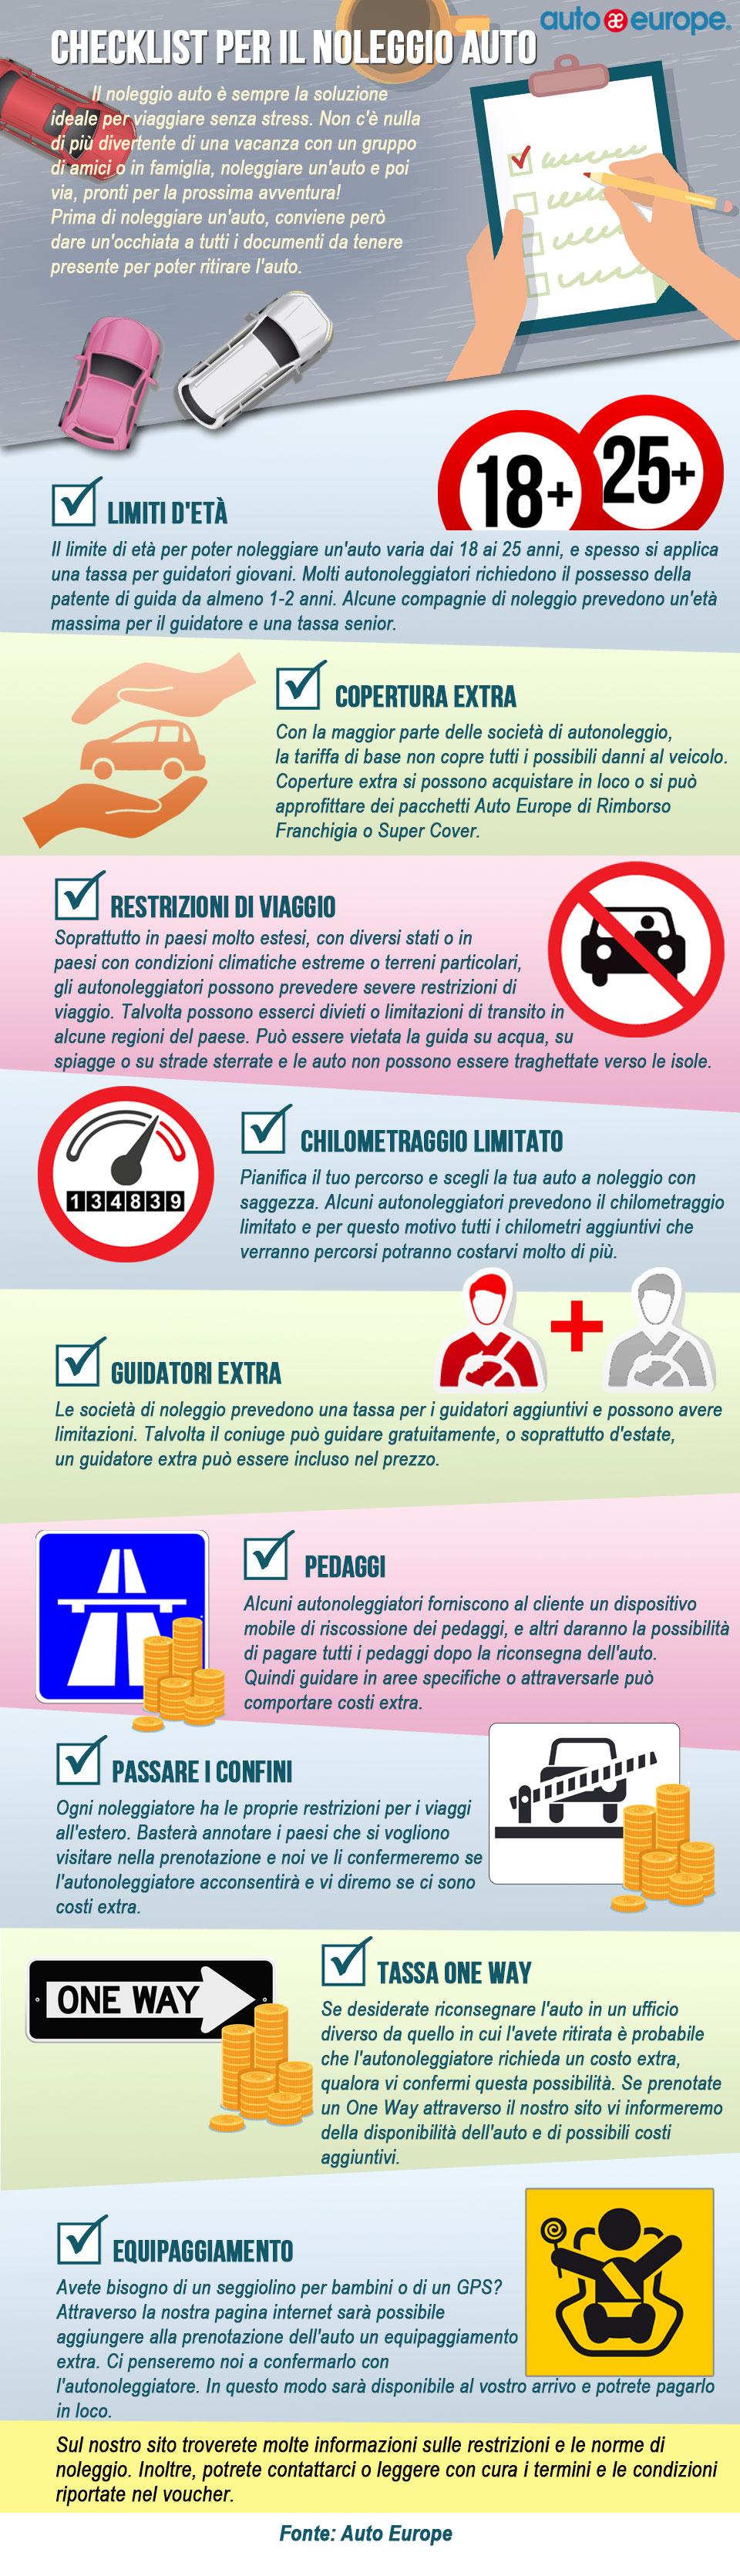 Infografica - Check list per il noleggio auto